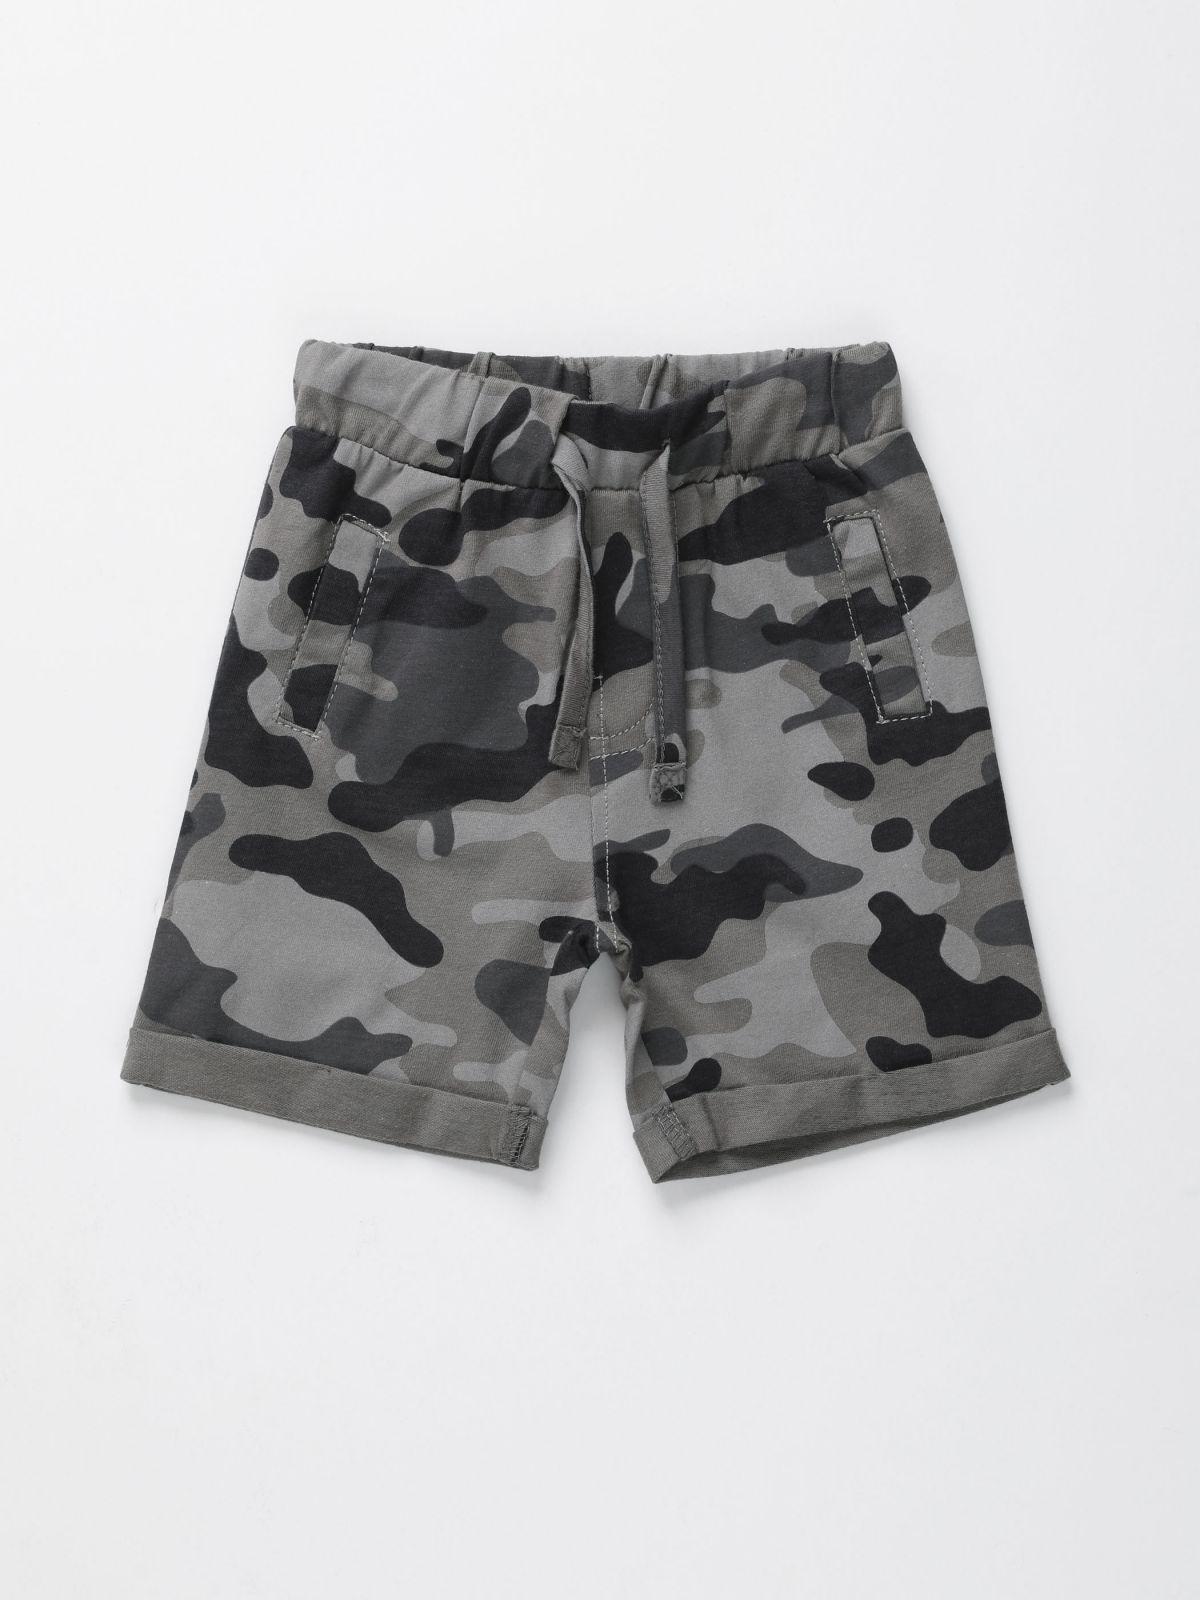 מכנסי טרנינג ברמודה / בייבי בניםמכנסי טרנינג ברמודה / בייבי בנים של FOX